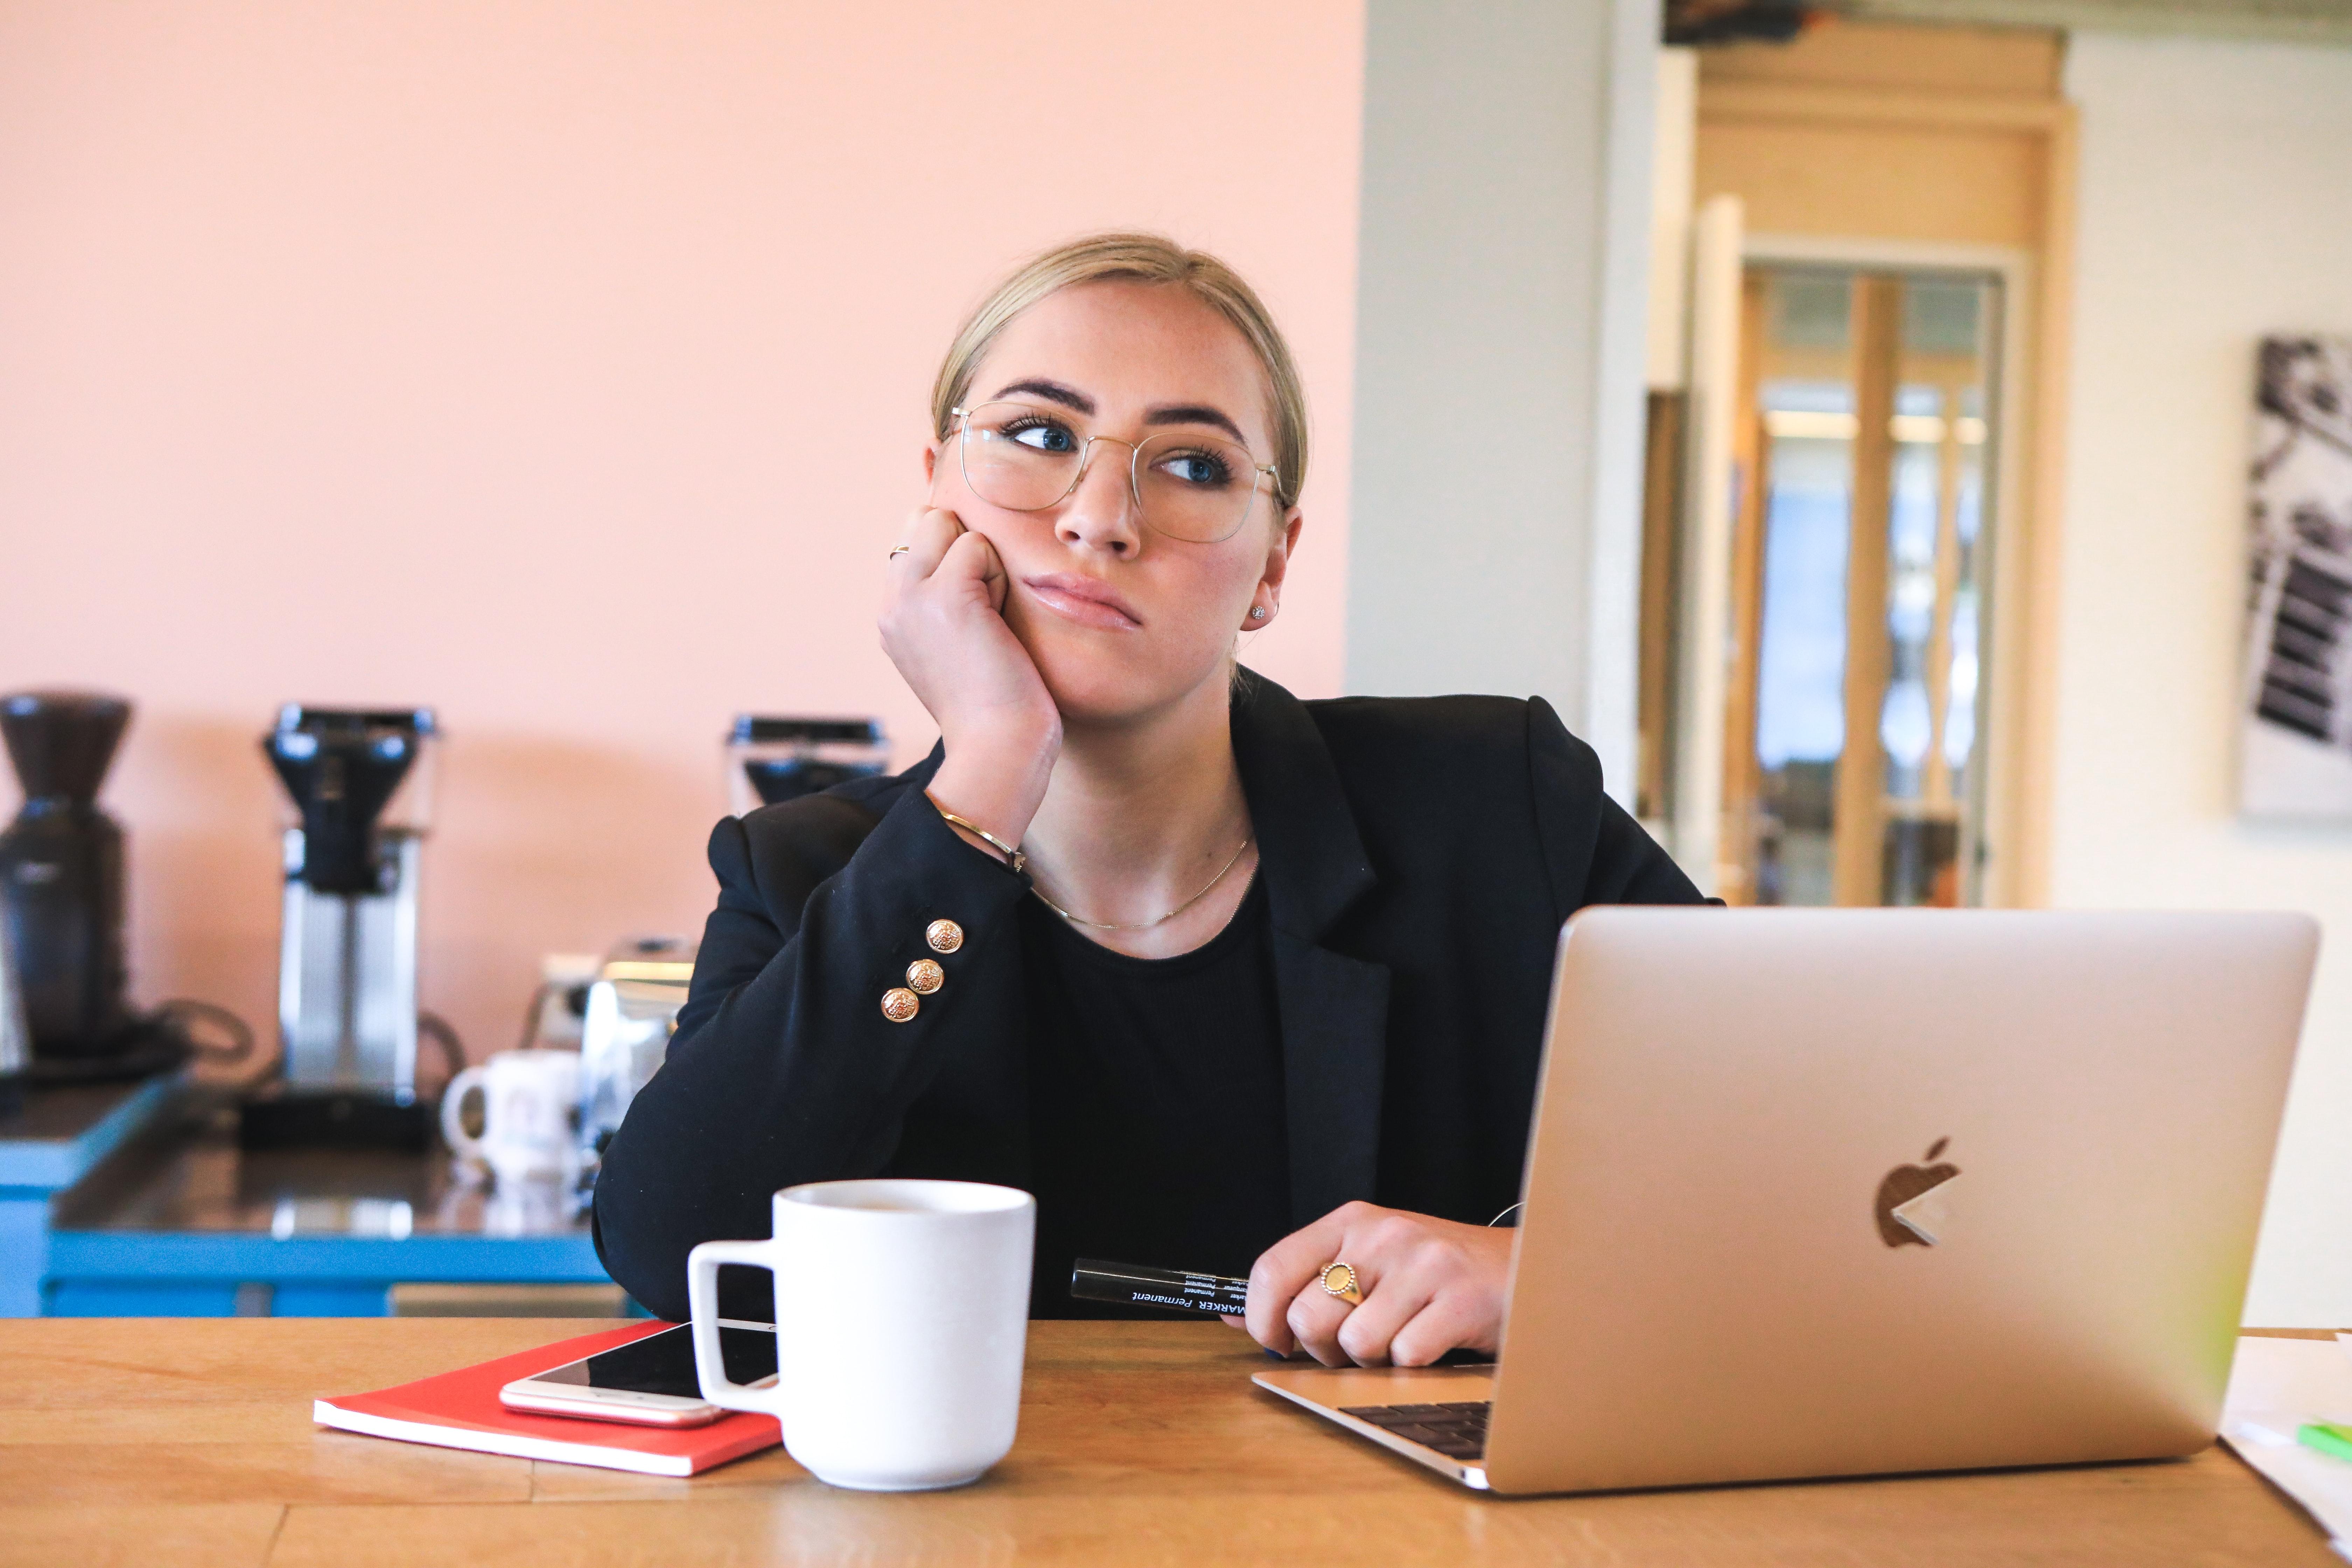 Bør ansatte selv velge å jobbe hjemmefra? Seks ting du som leder må tenke på